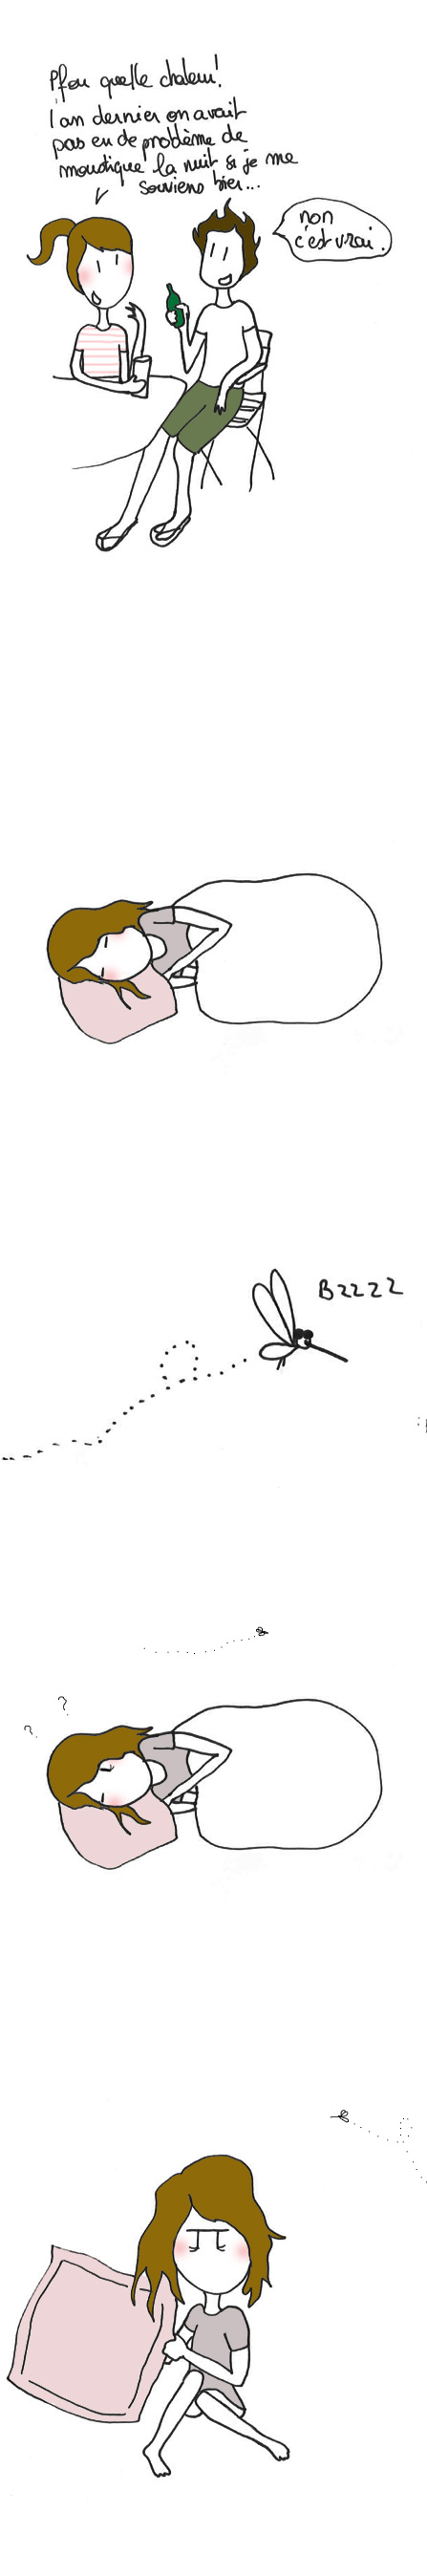 moskito.jpg